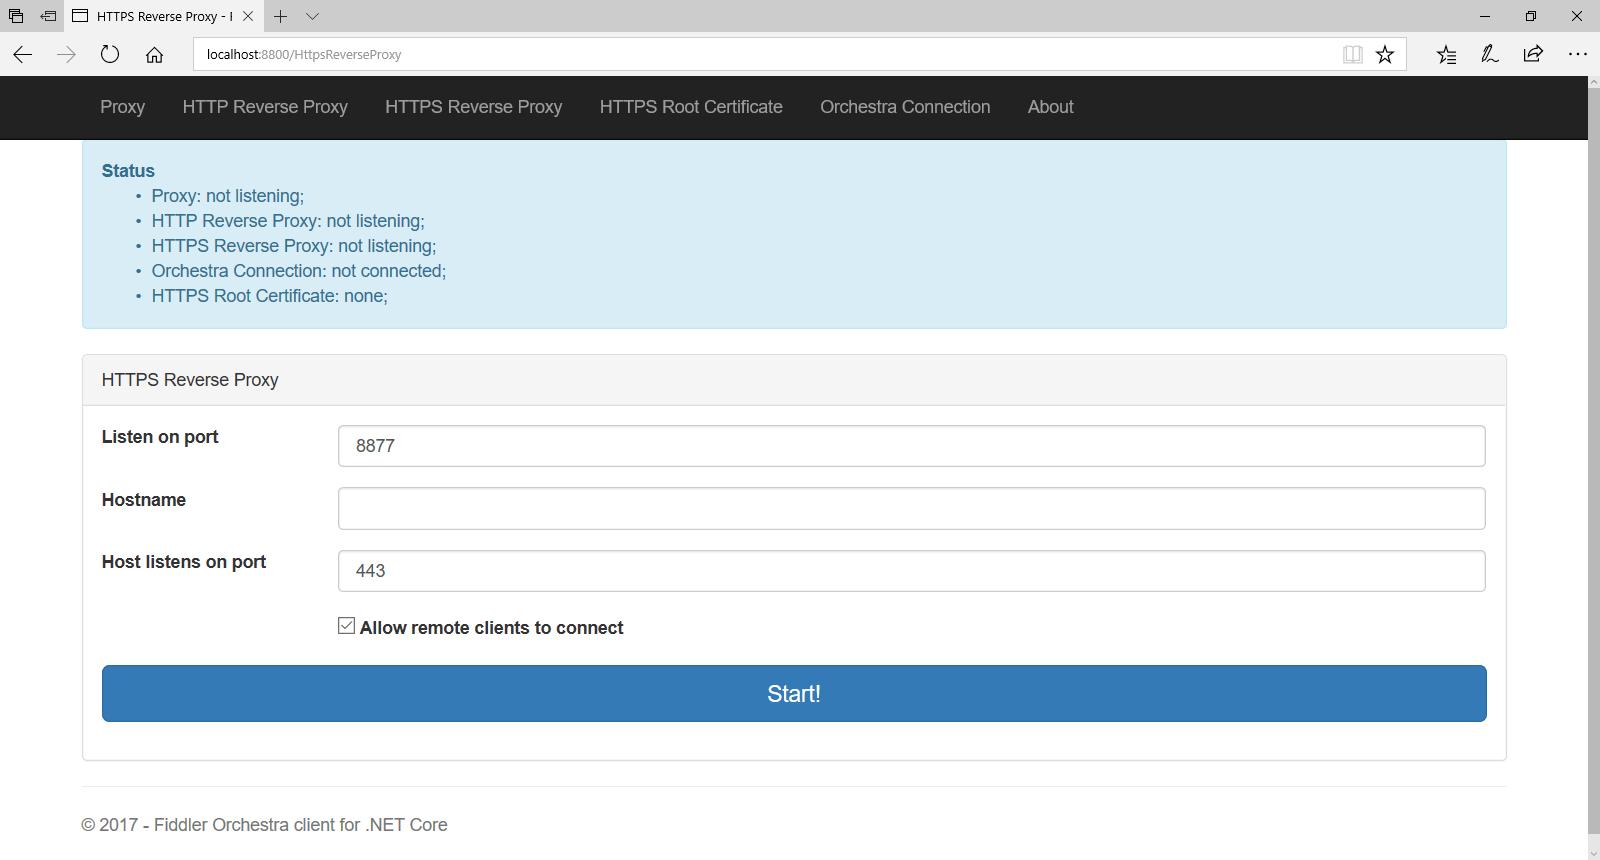 Fiddler Orchestra HTTPS Reverse Proxy